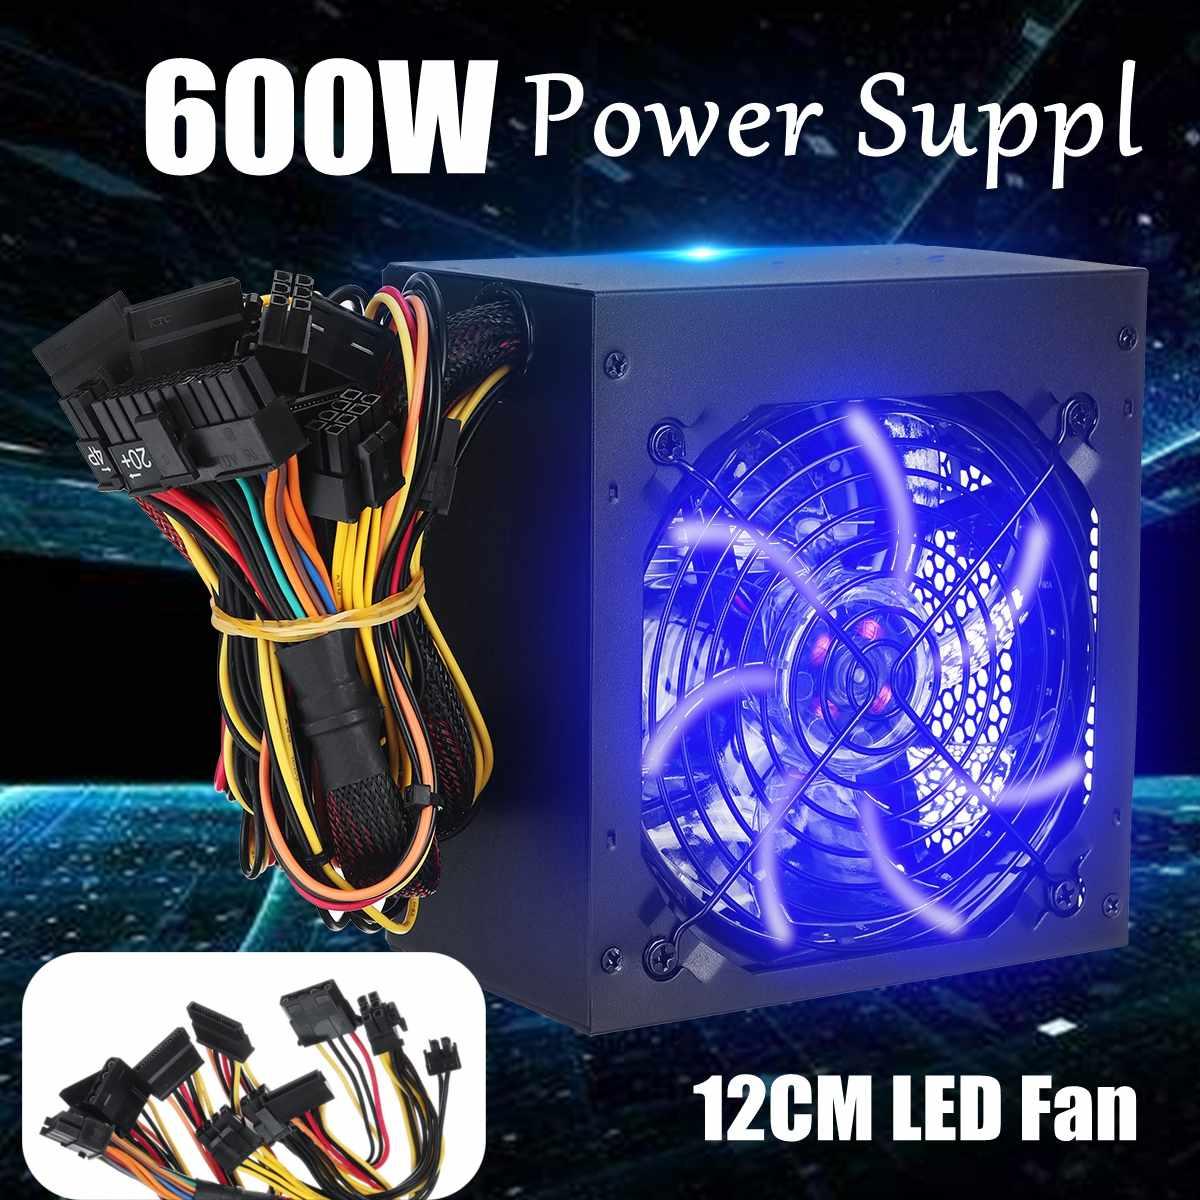 600W alimentation PSU PFC 12cm LED ventilateur silencieux ATX 24pin 12V ordinateur SATA Gaming PC alimentation pour ordinateur Intel AMD